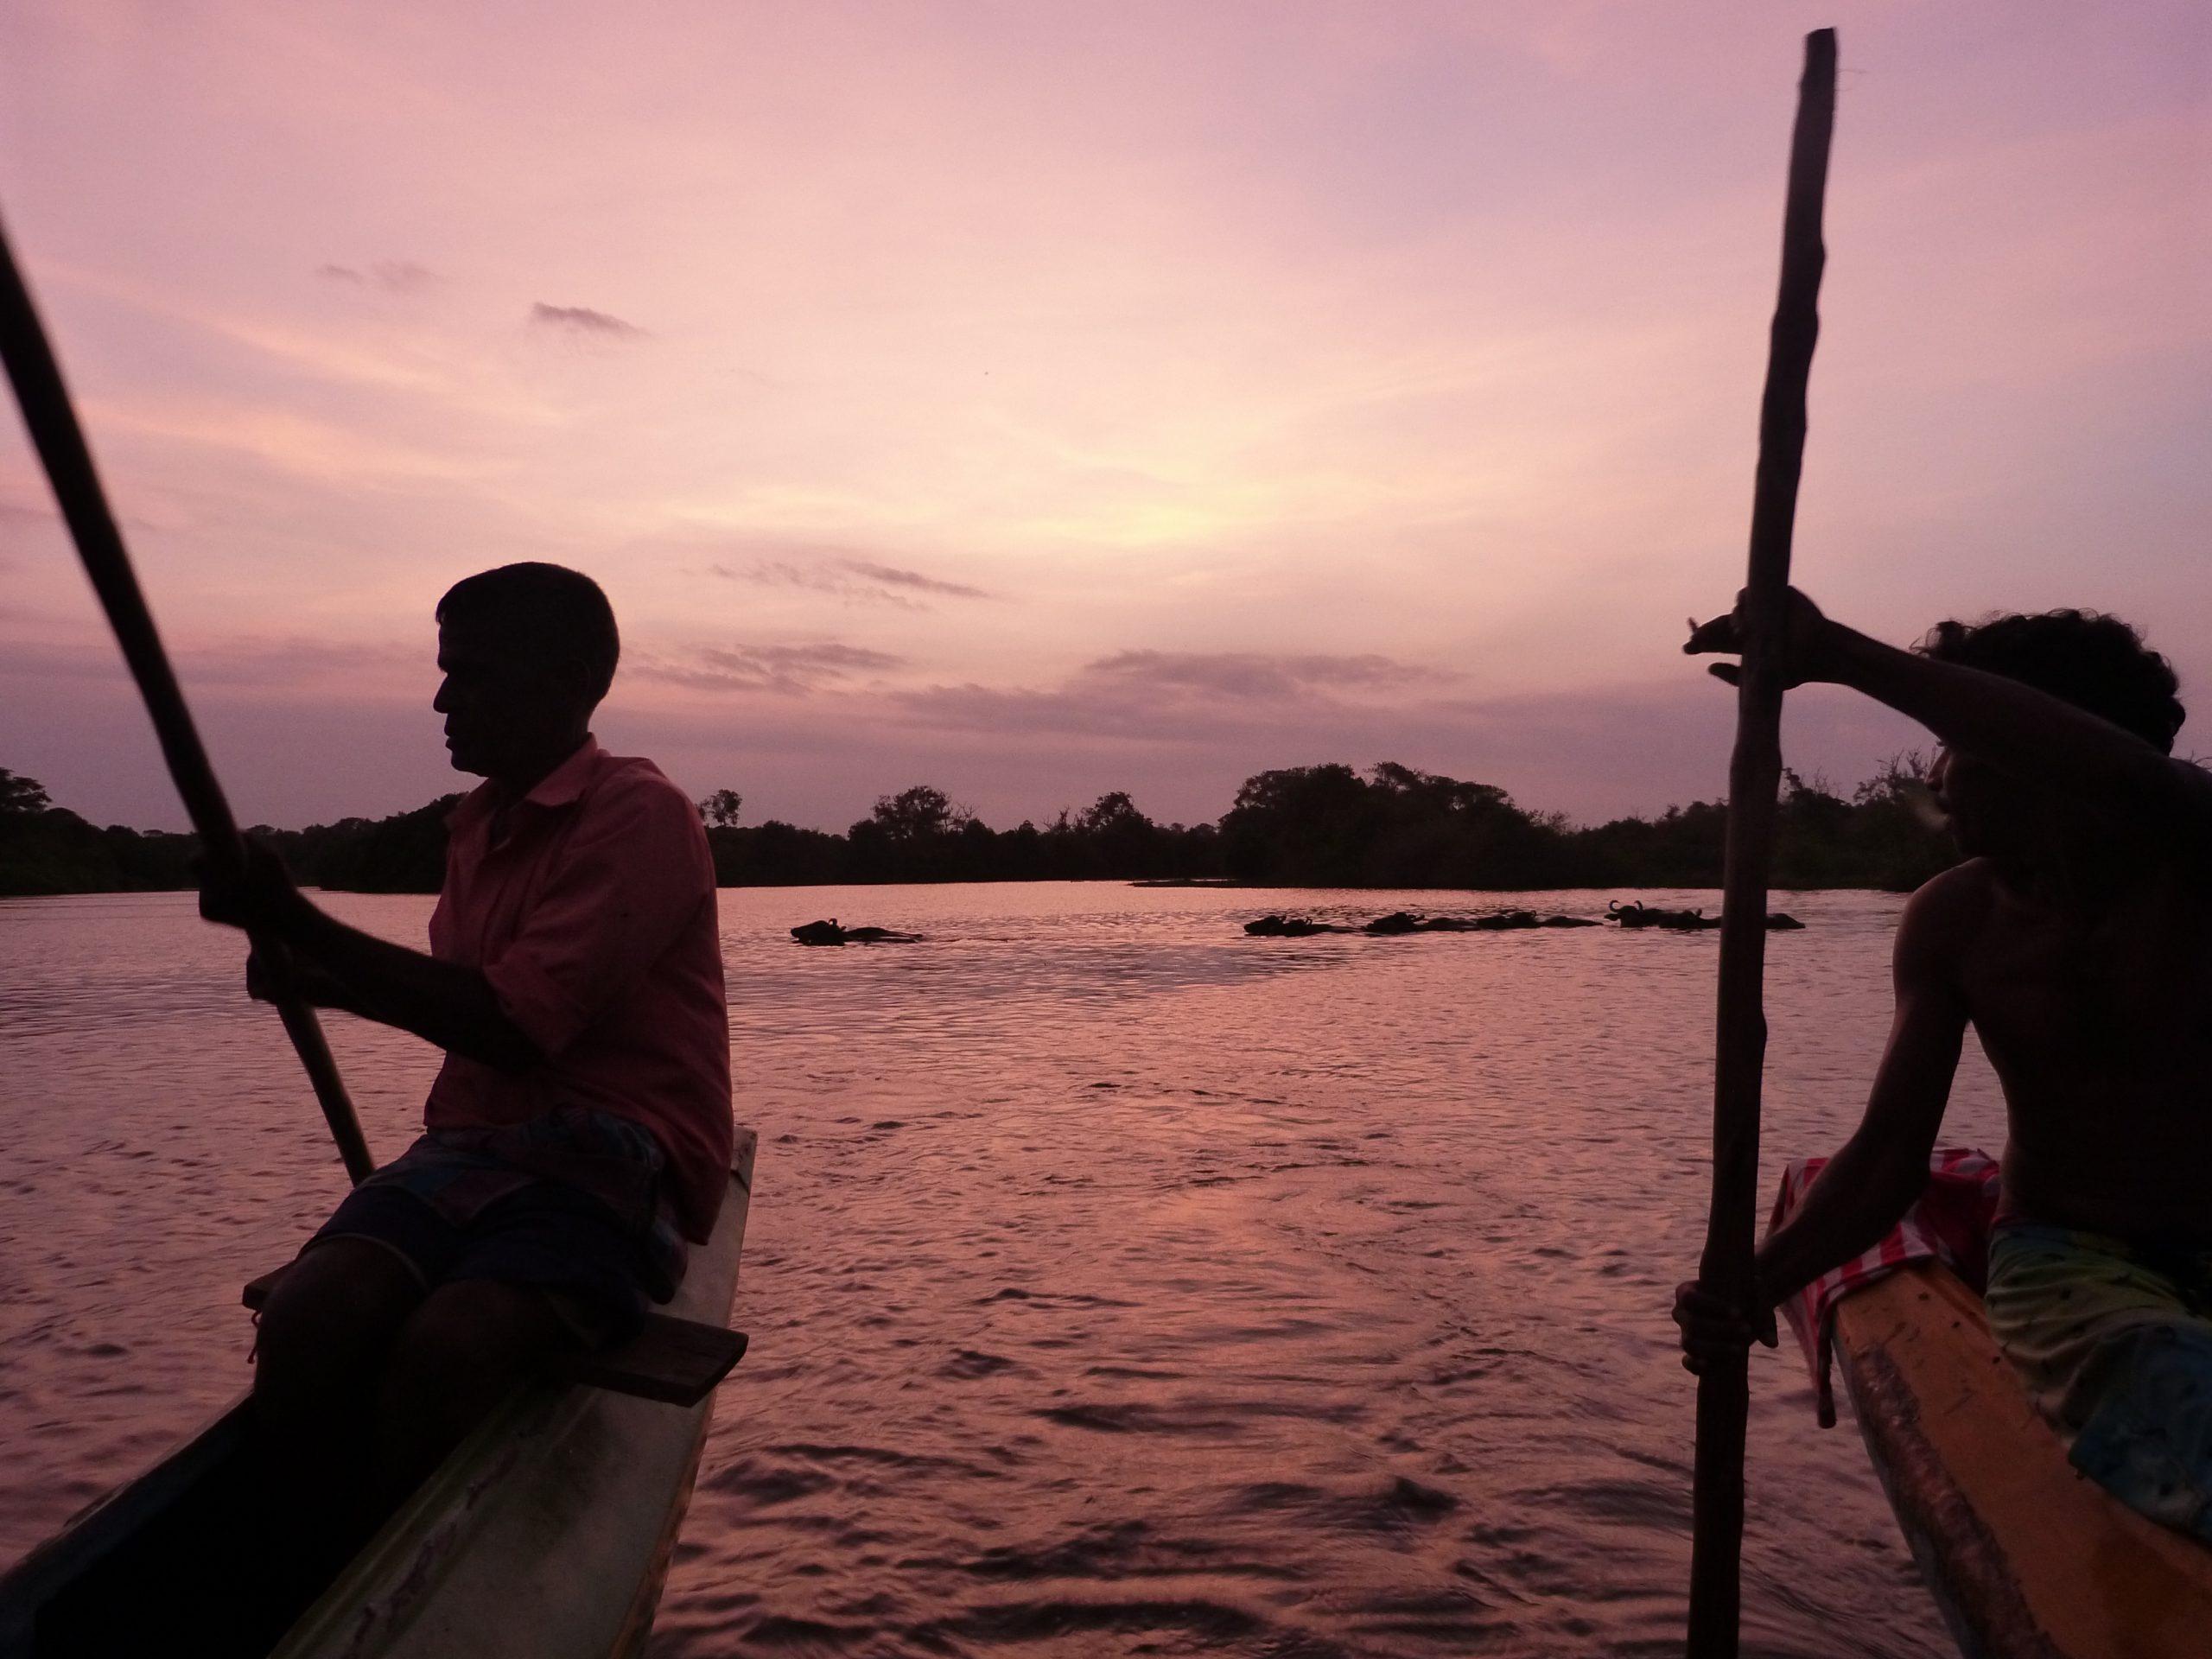 Fishermen in front of sunset, Sri Lanka